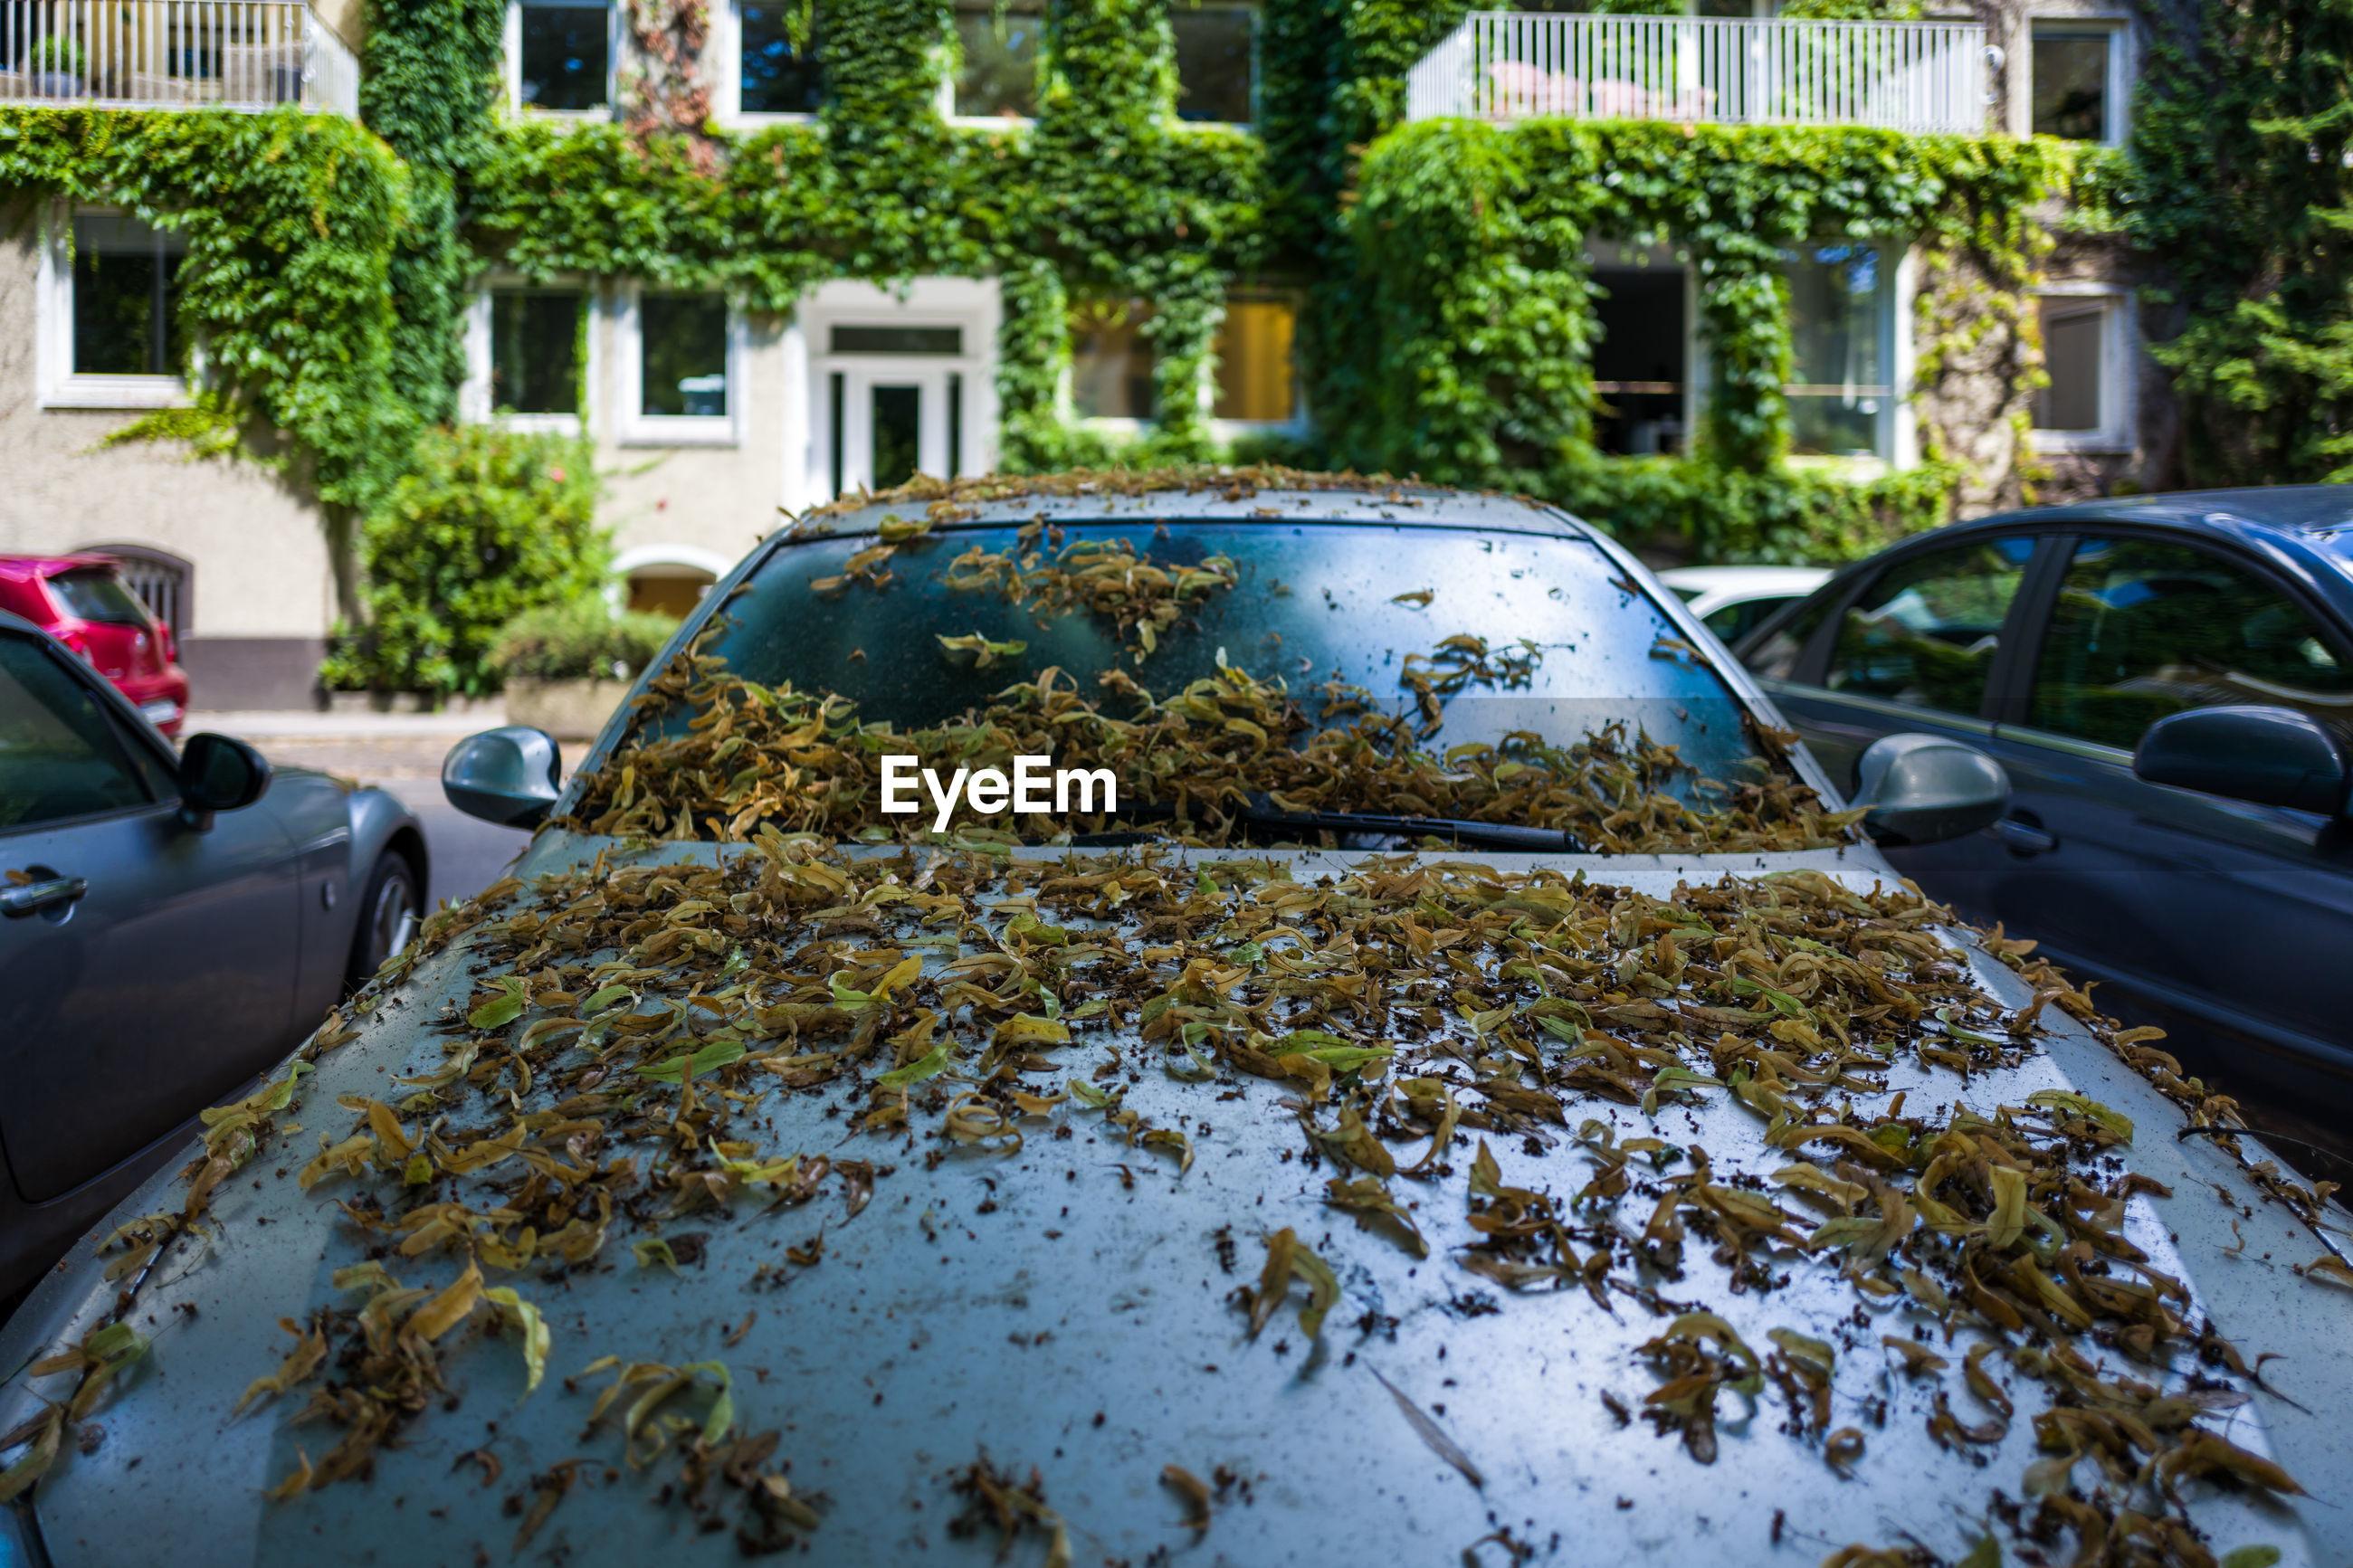 Leaves on car on street